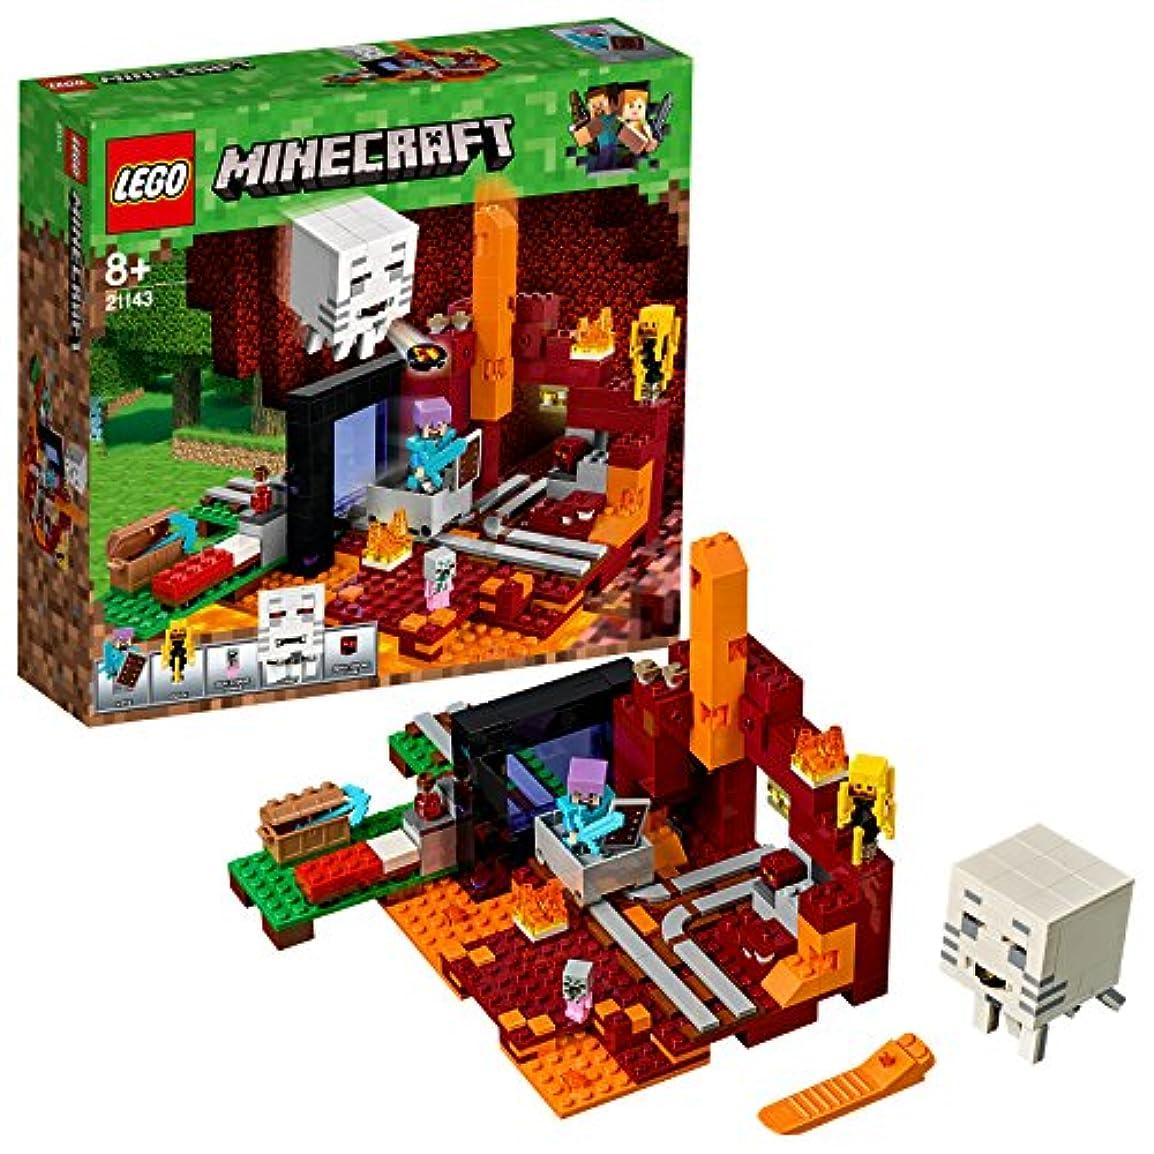 逃げる緩やかな呼び起こすレゴ(LEGO) マインクラフト 闇のポータル 21143